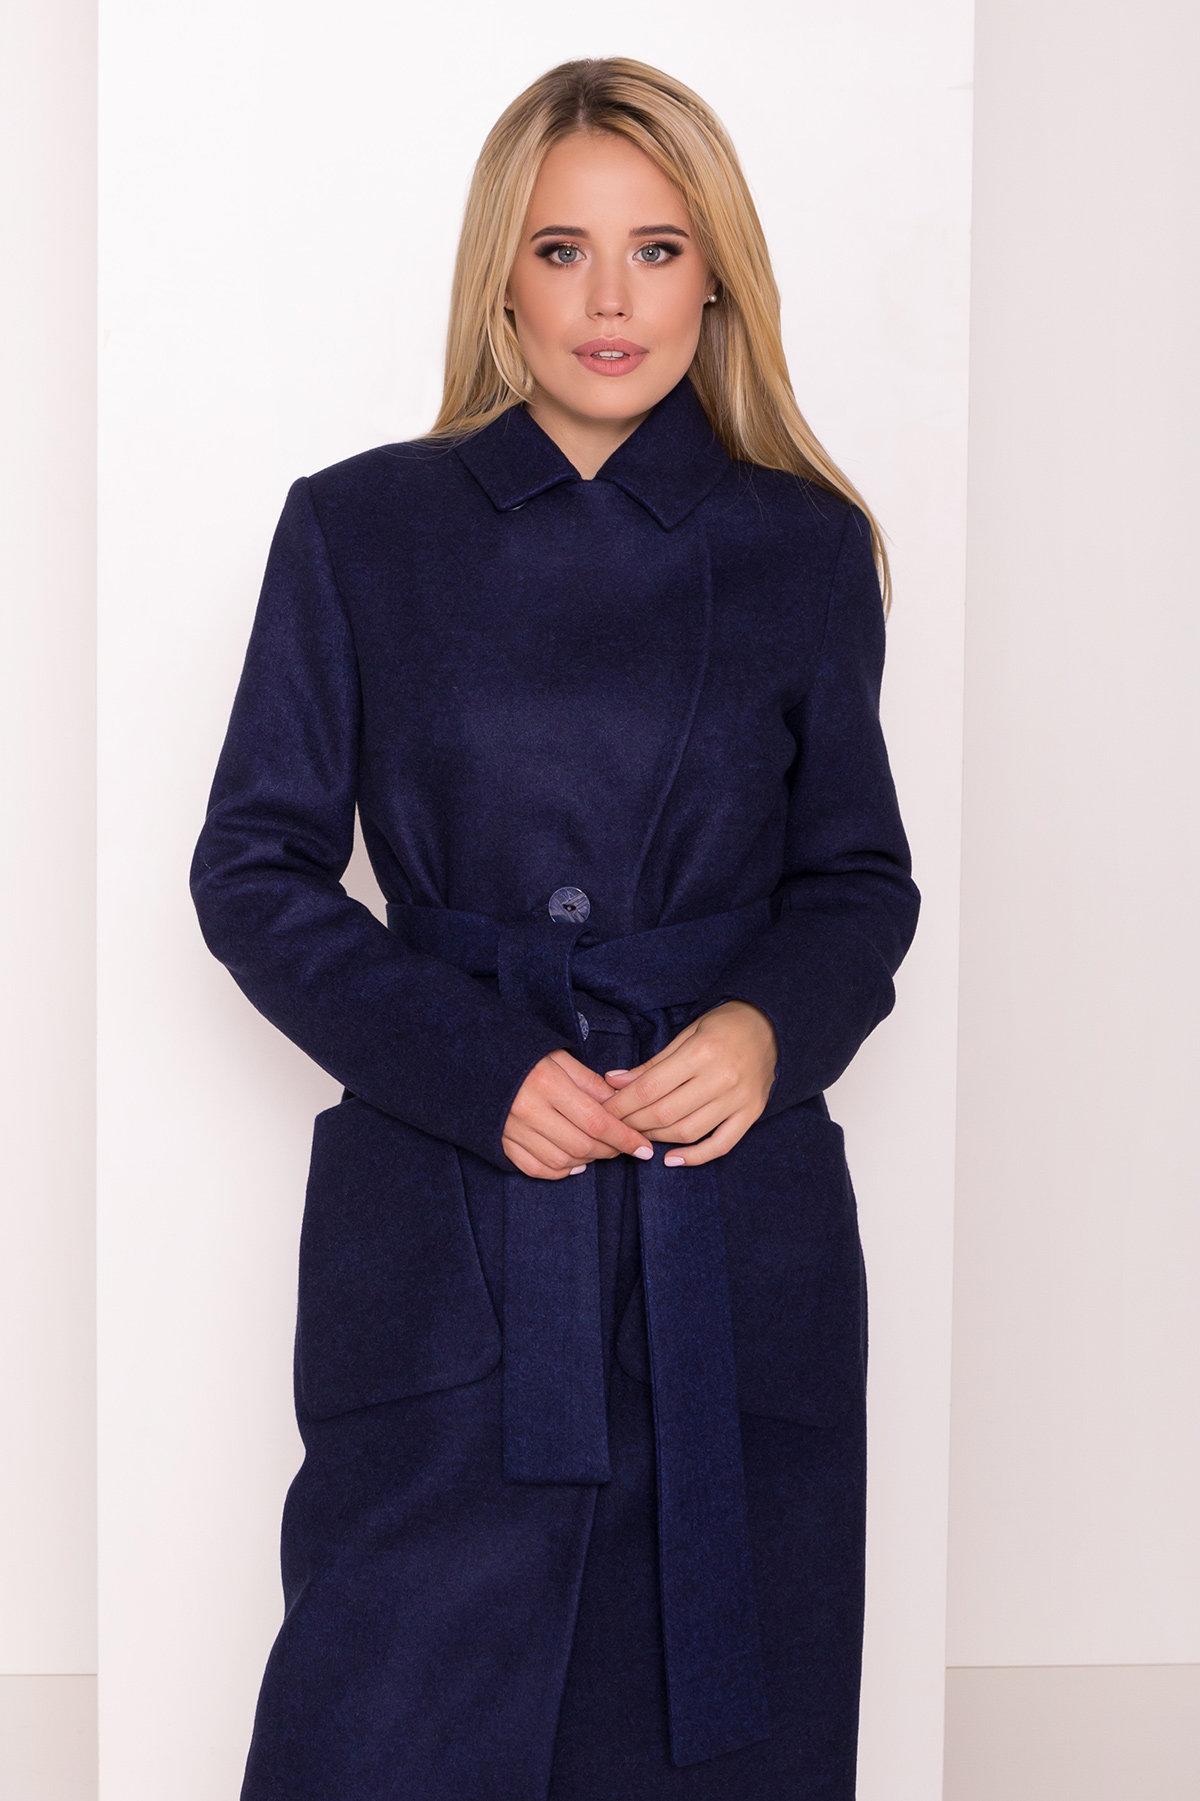 Классическое пальто Габриэлла 7872 АРТ. 43799 Цвет: Т.синий 17 - фото 5, интернет магазин tm-modus.ru